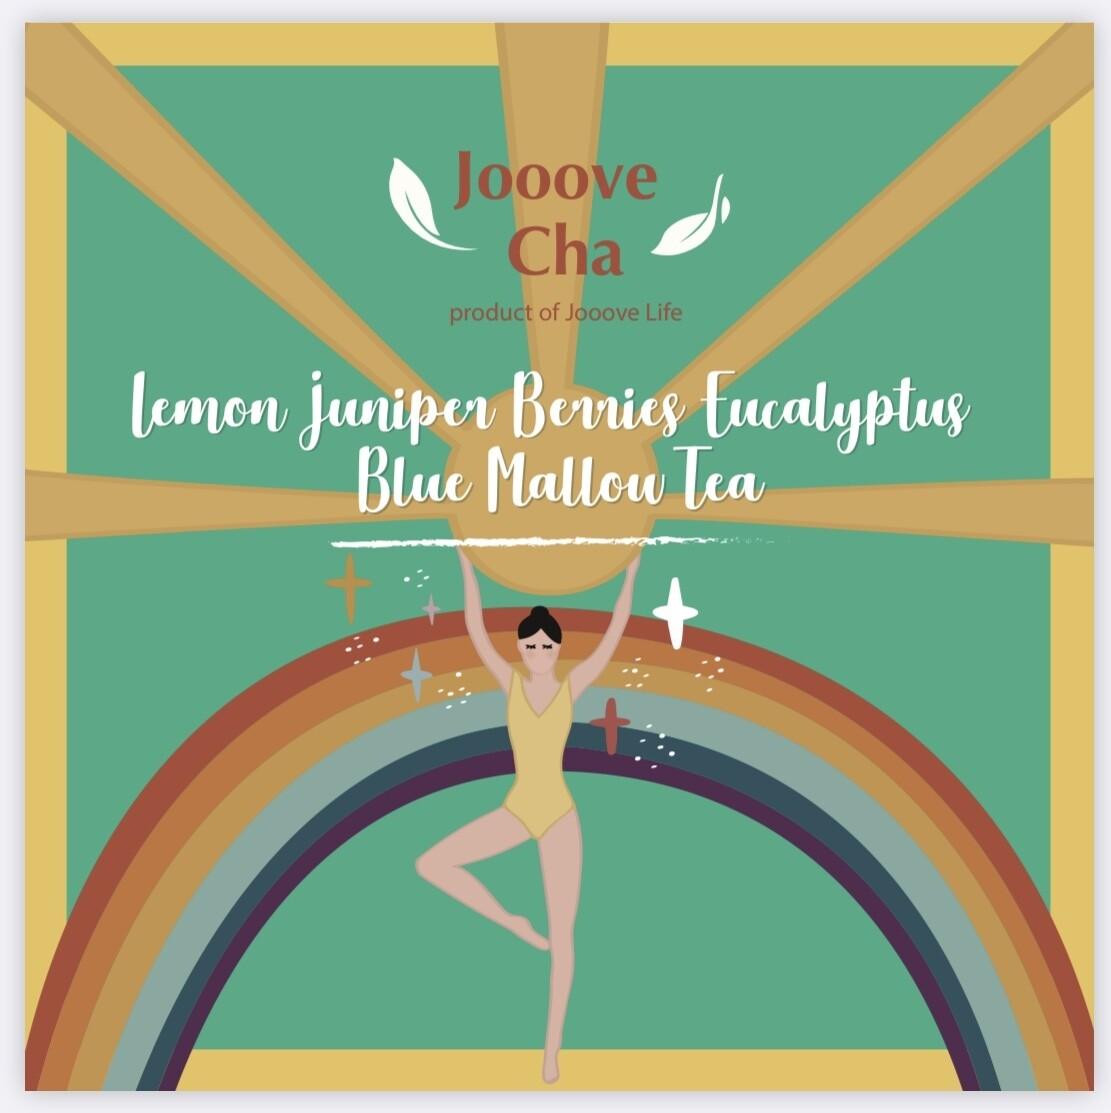 檸檬杜松莓尤加利葉紫蘿蘭花茶 Lemon Juniper Berries Eucalyptus Blue Mallow Tea